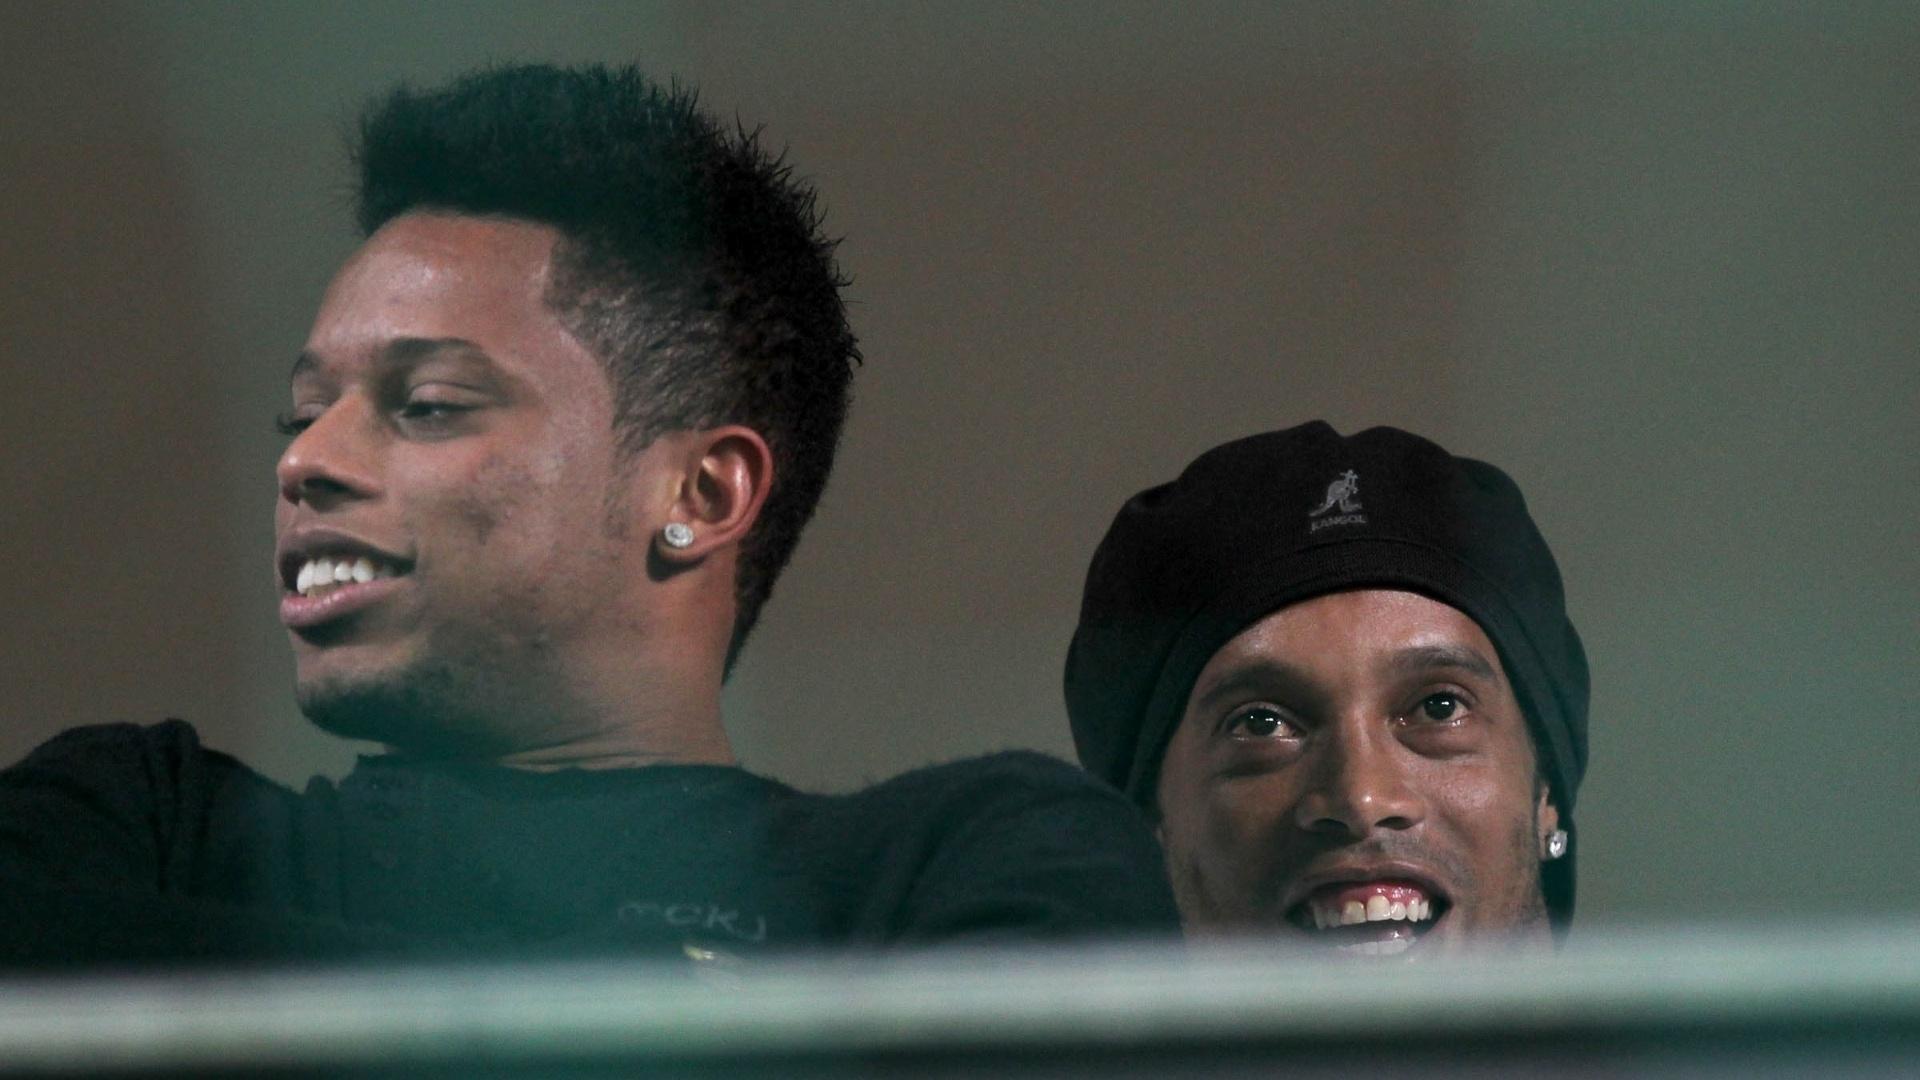 André e Ronaldinho Gaúcho sorriem enquanto, da tribuna, assistem à partida do Atlético-MG contra o Bahia